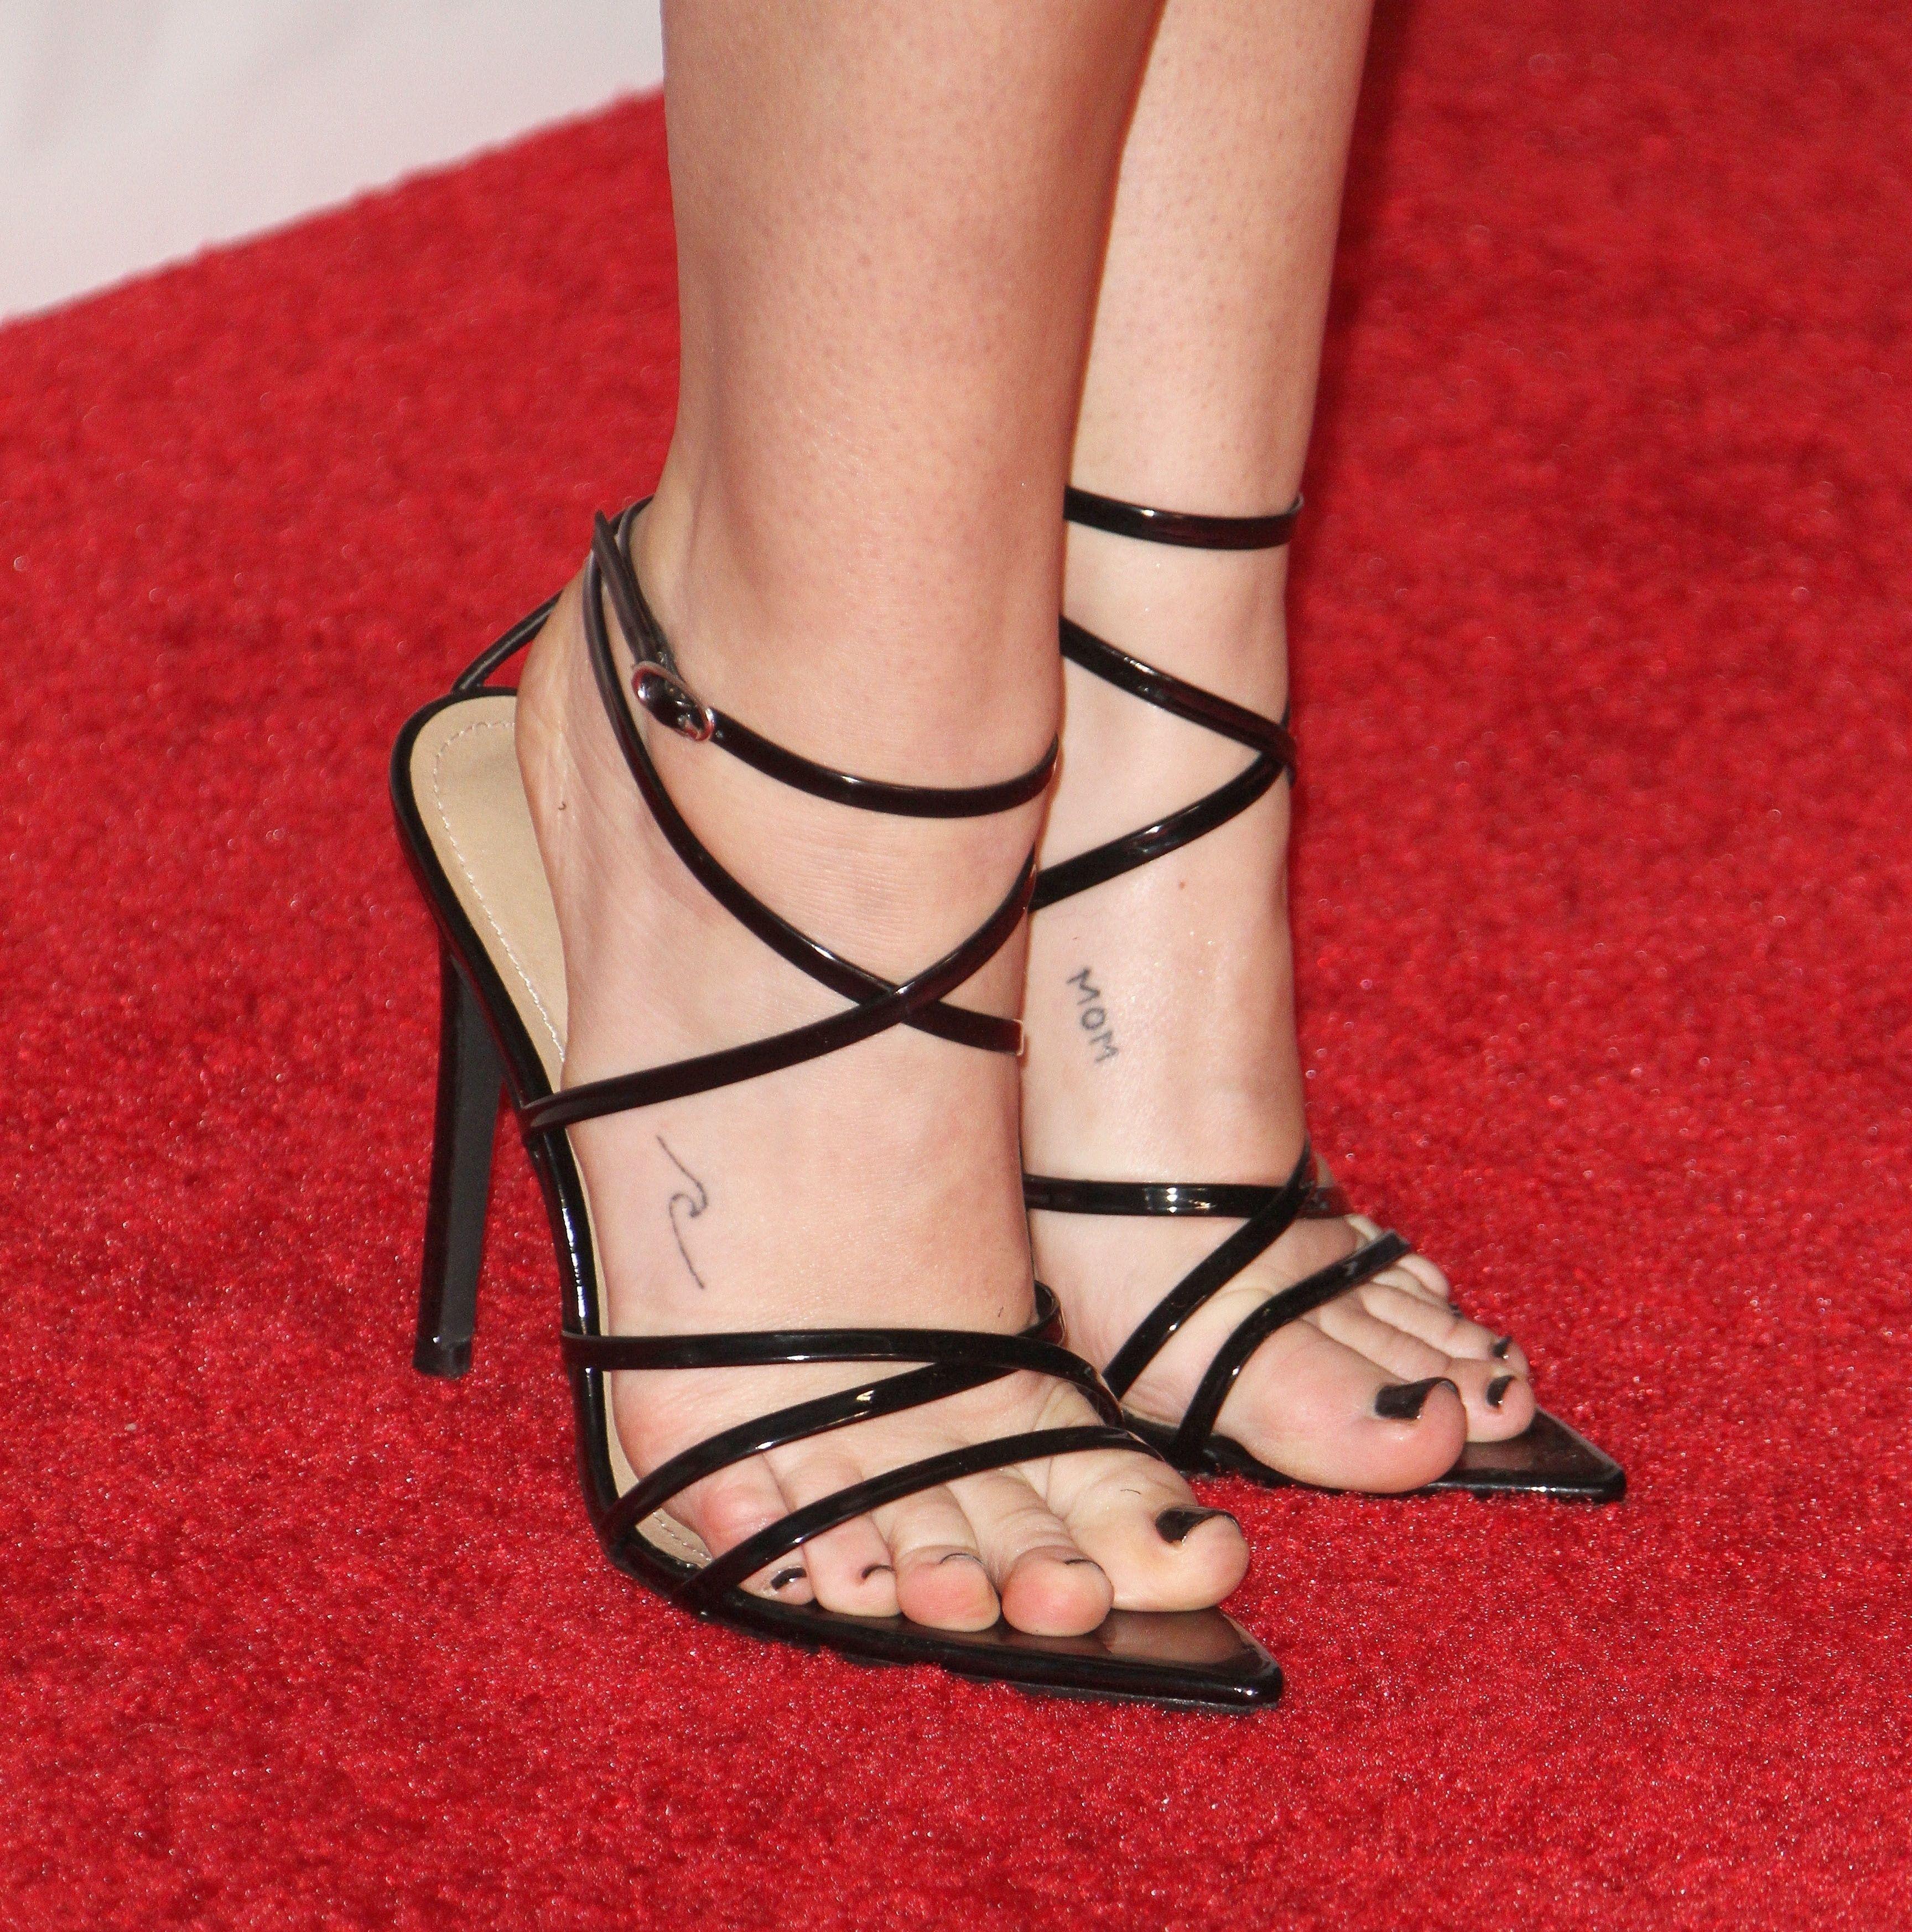 Feet miley cyrus Miley Cyrus